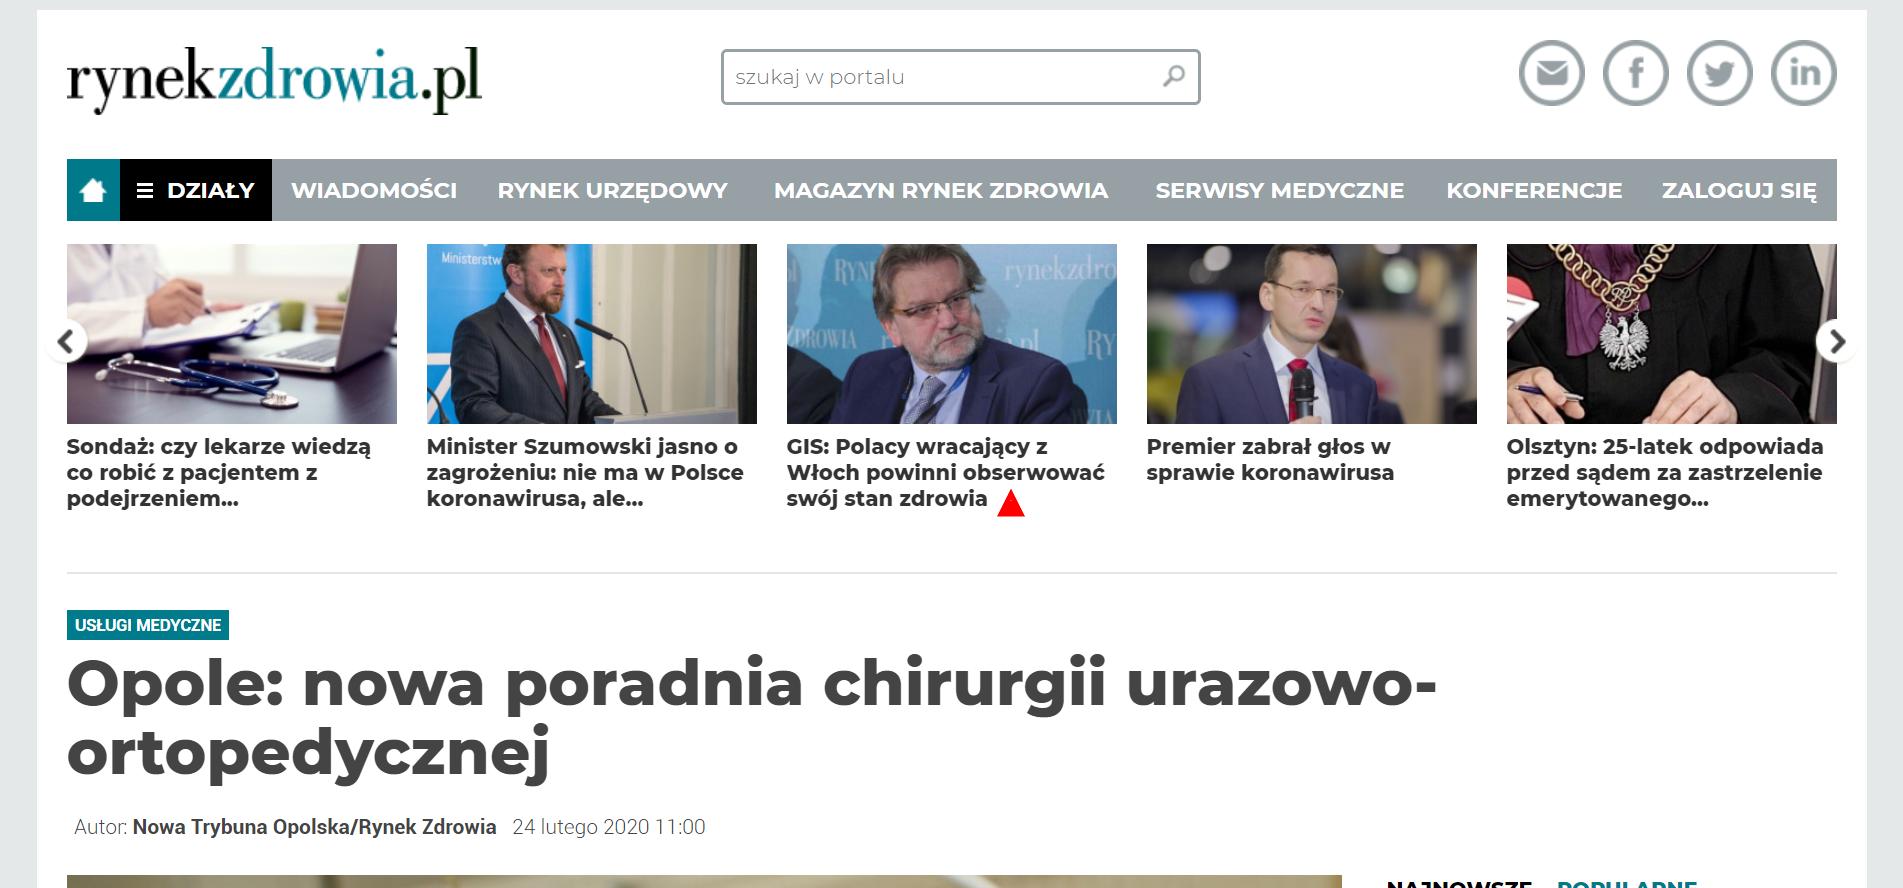 Opole: nowa poradnia chirurgii urazowo-ortopedycznej